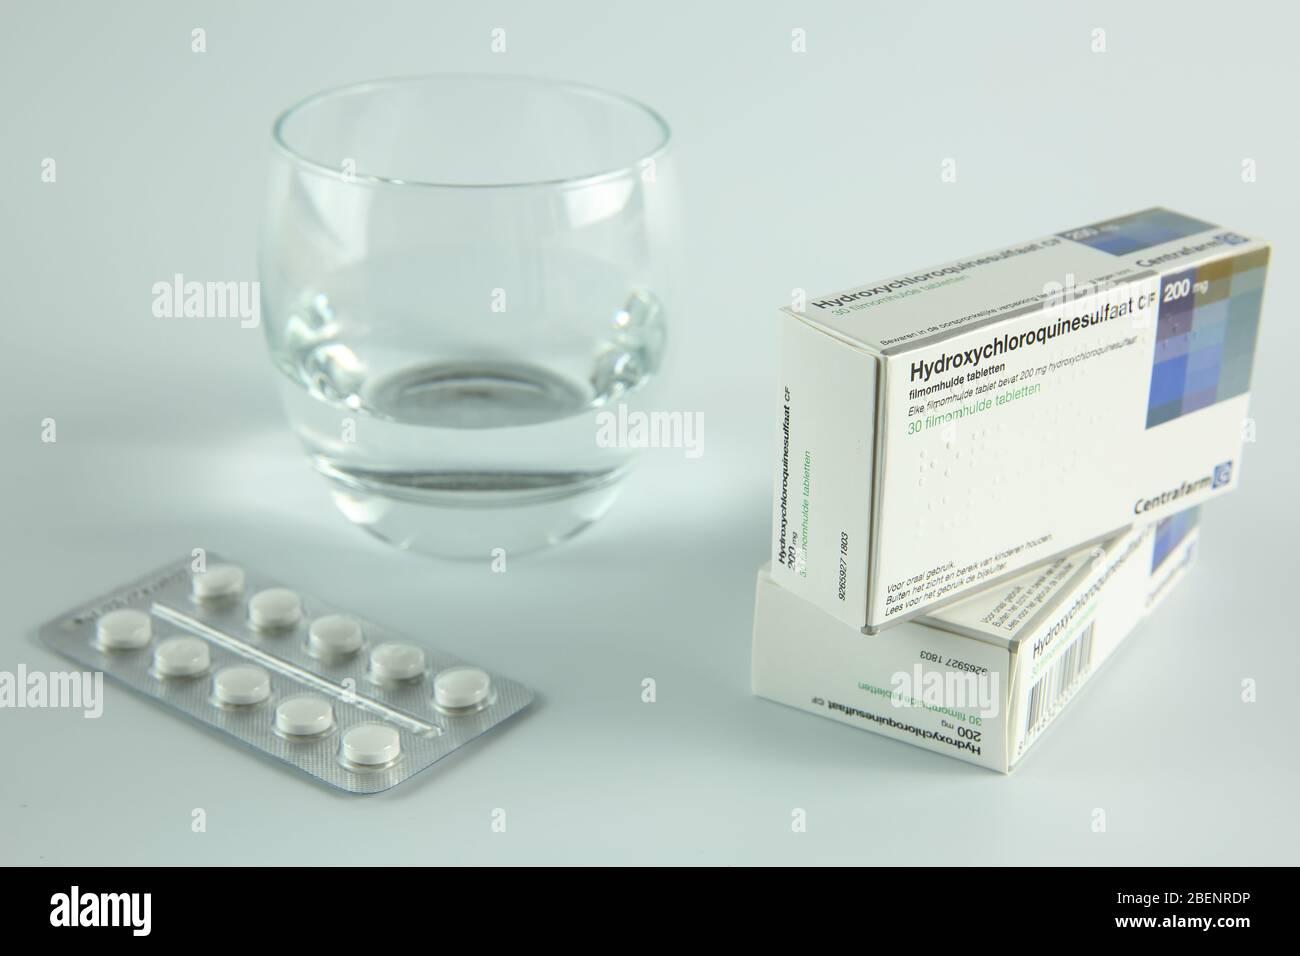 AMSTERDAM, PAÍSES BAJOS - 08 DE ABRIL de 2020: Una caja y tabletas de hidroxicloroquina, también conocida como Plaquenil, con fondo blanco Foto de stock